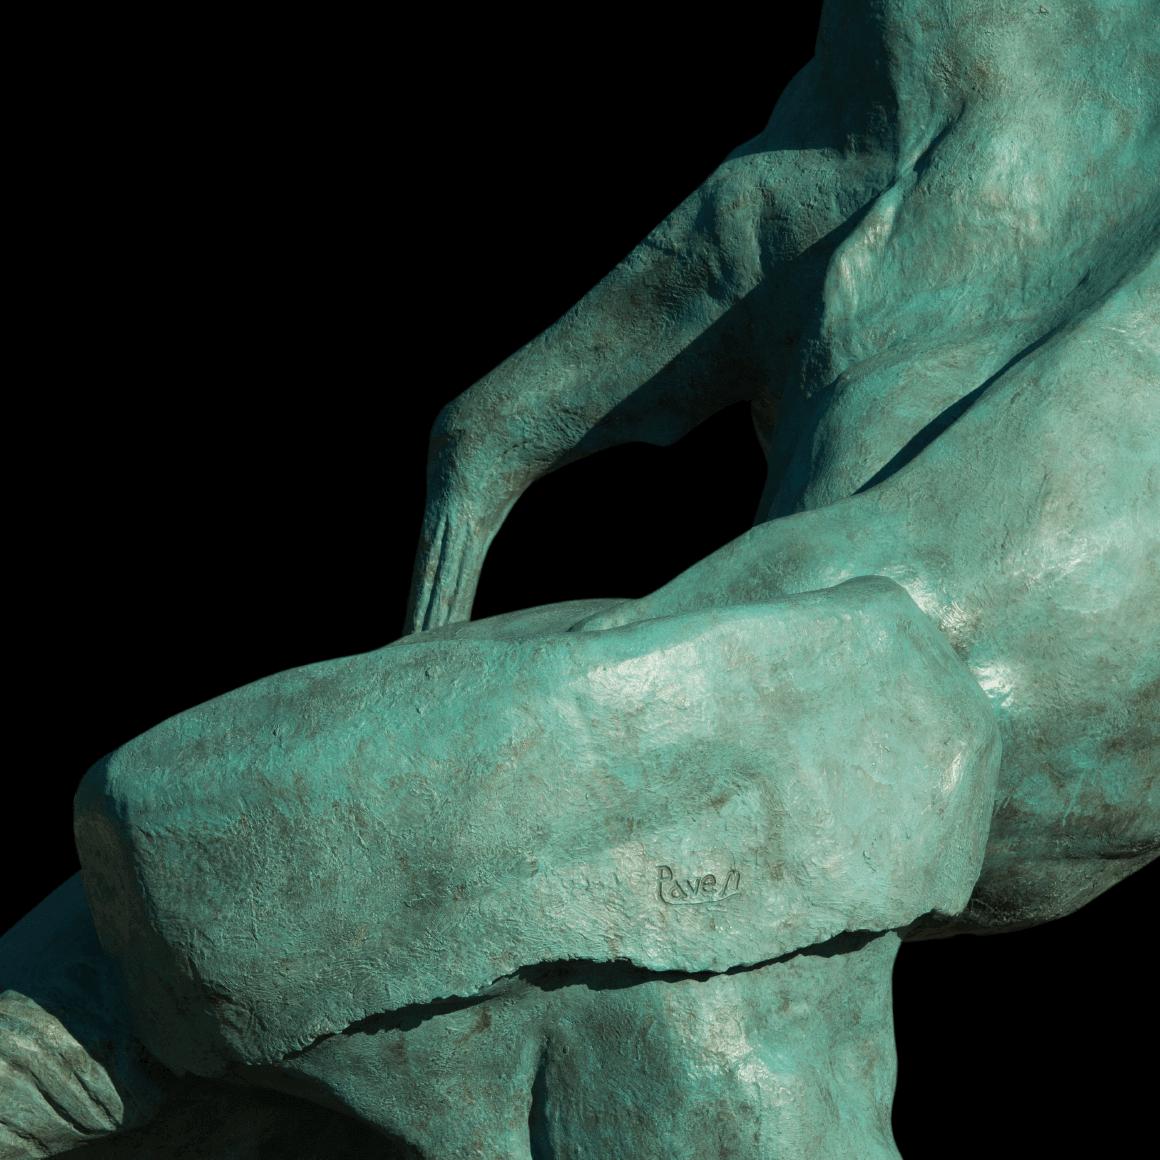 mario-pavesi-scultore-e-pittore-evento-presentazione-anelito-interna-2